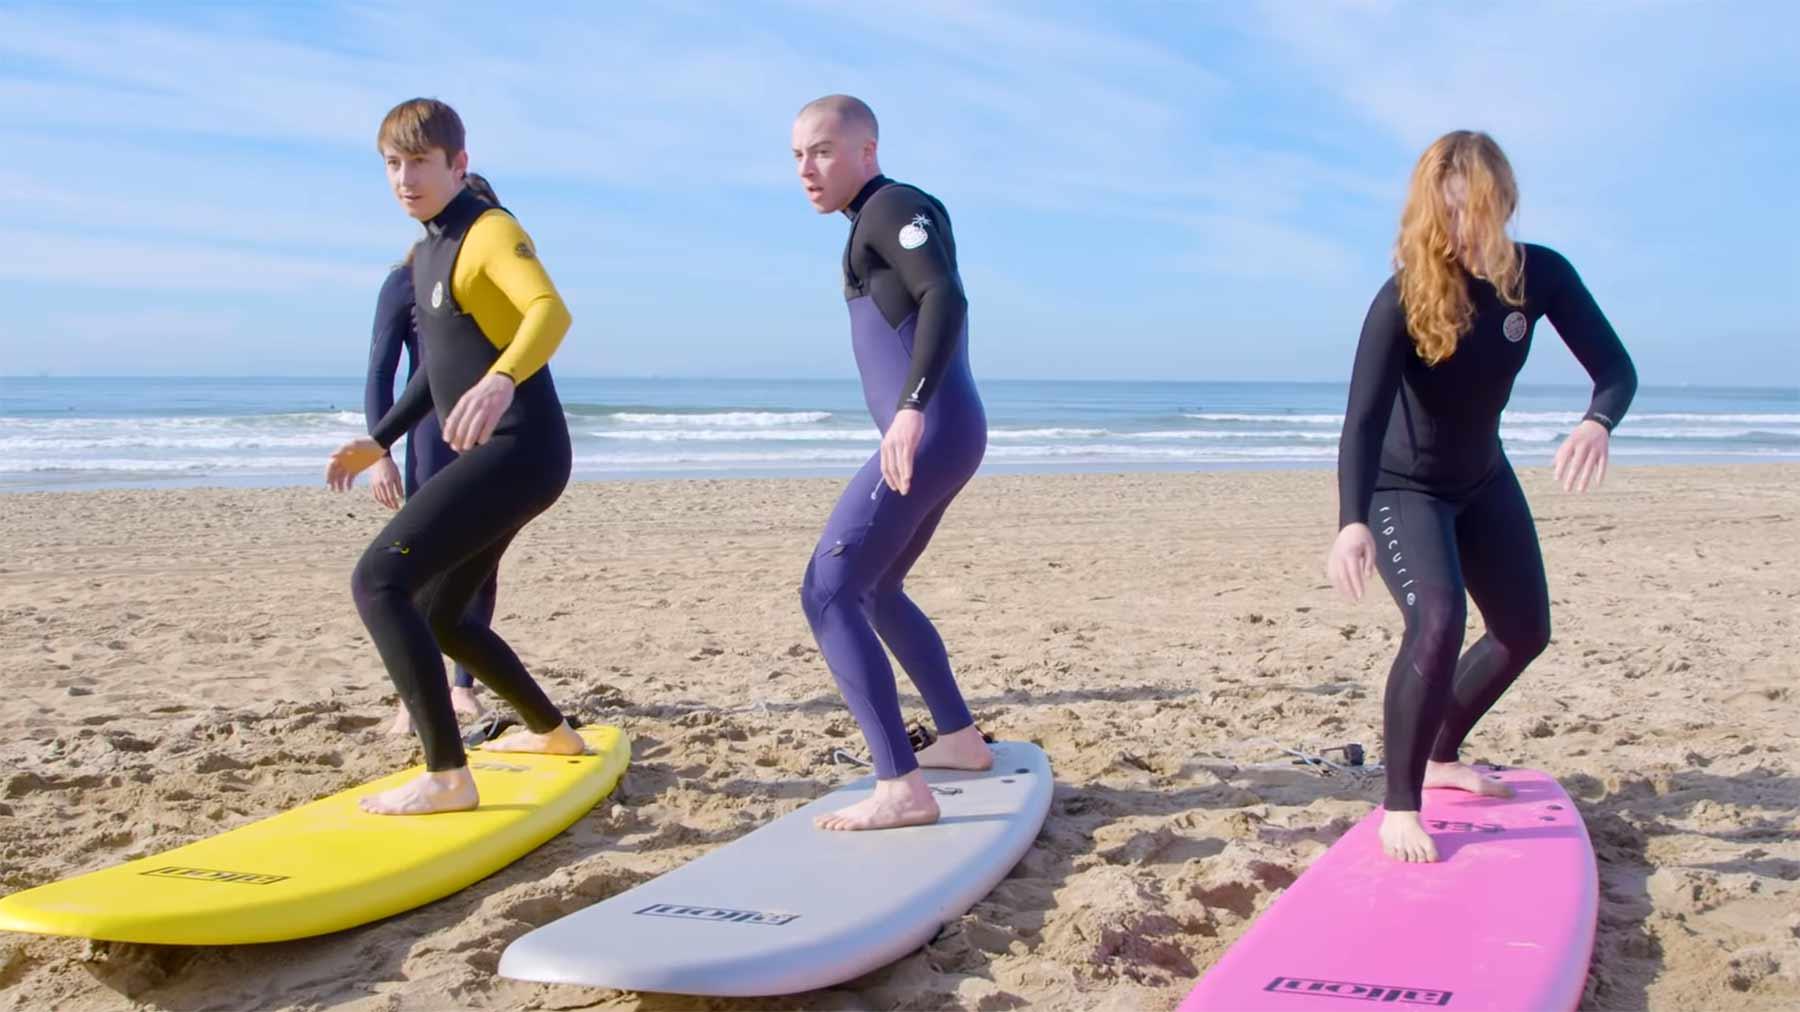 SurferInnen tauschen mit SnowboarderInnen